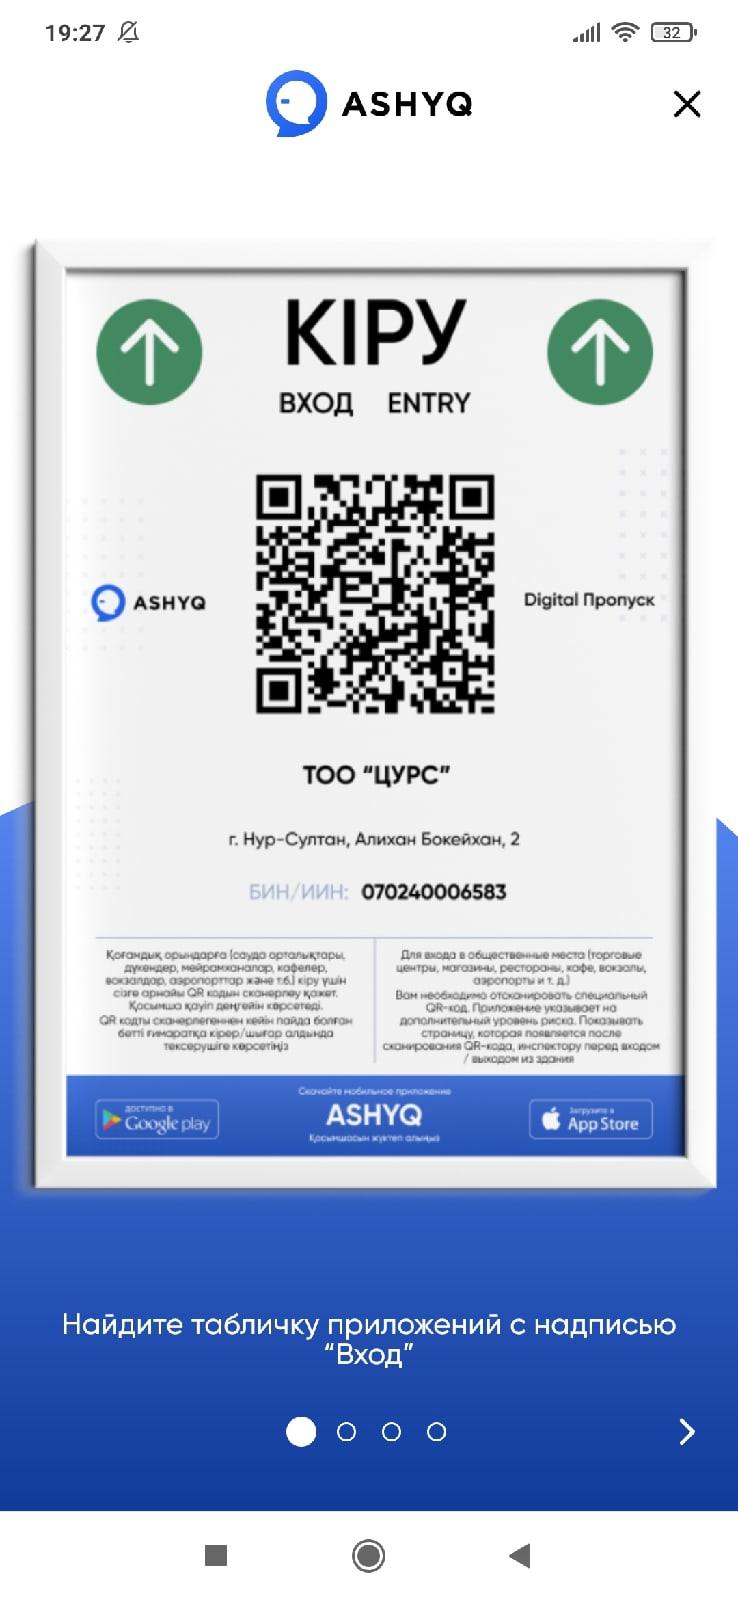 Приложение Ashyq - пилотный проект для работы субъектов МСБ